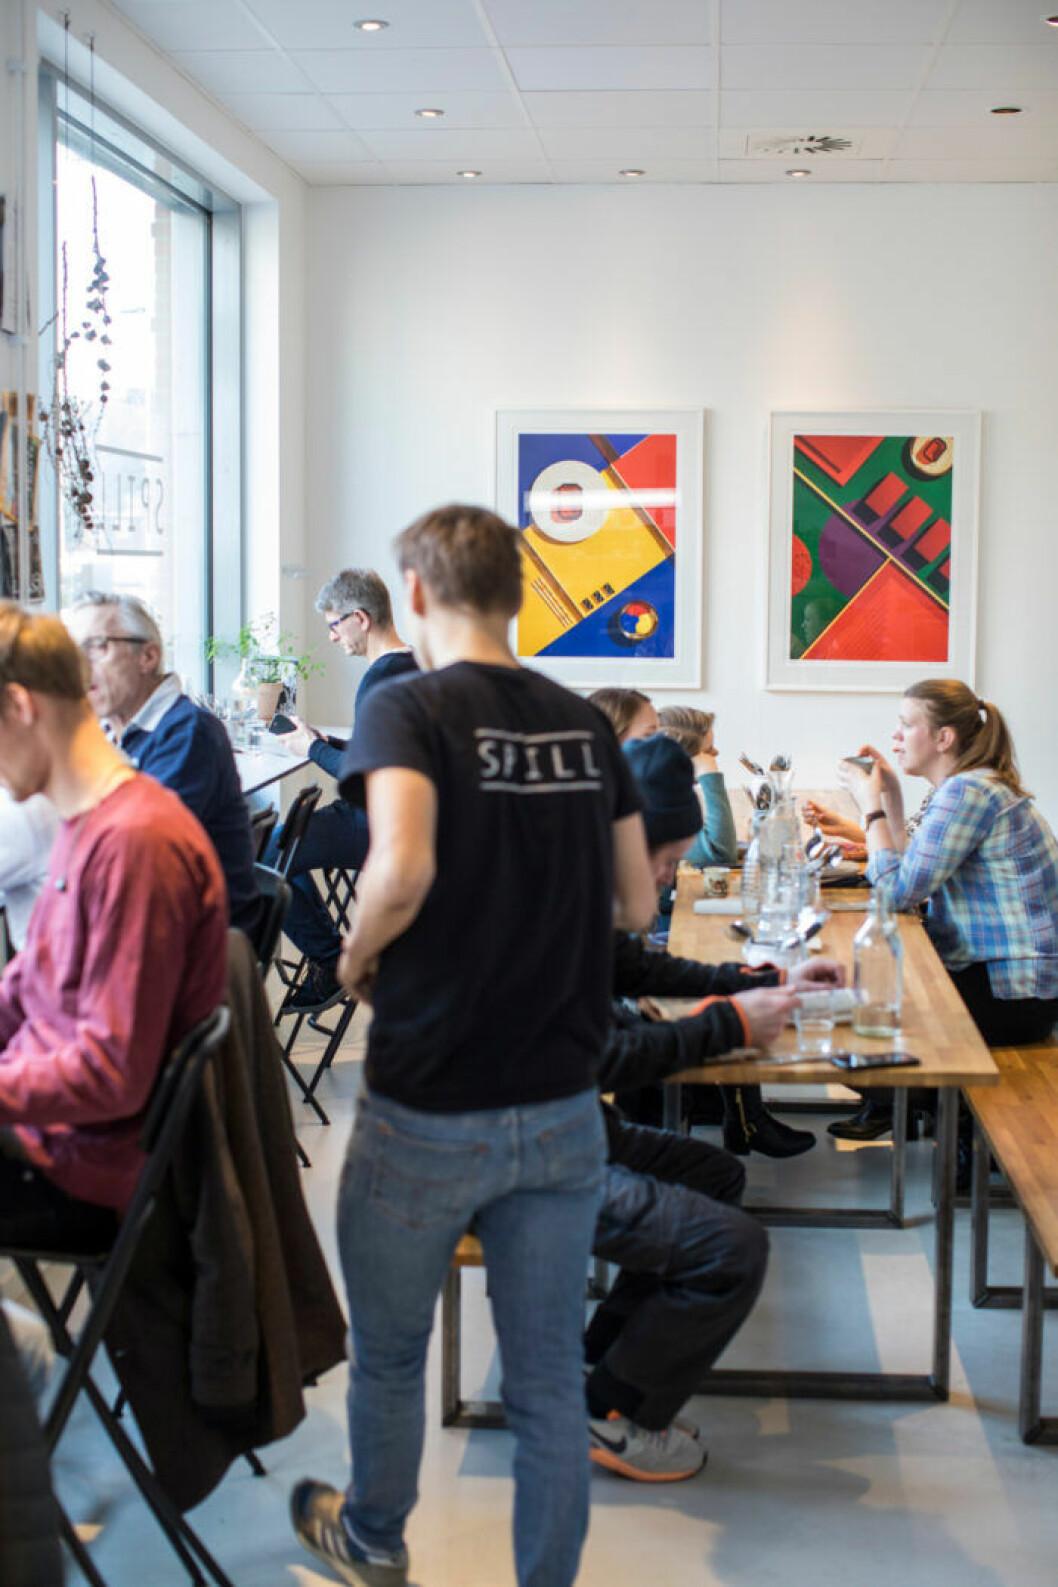 Restaurang Spill i Malmö